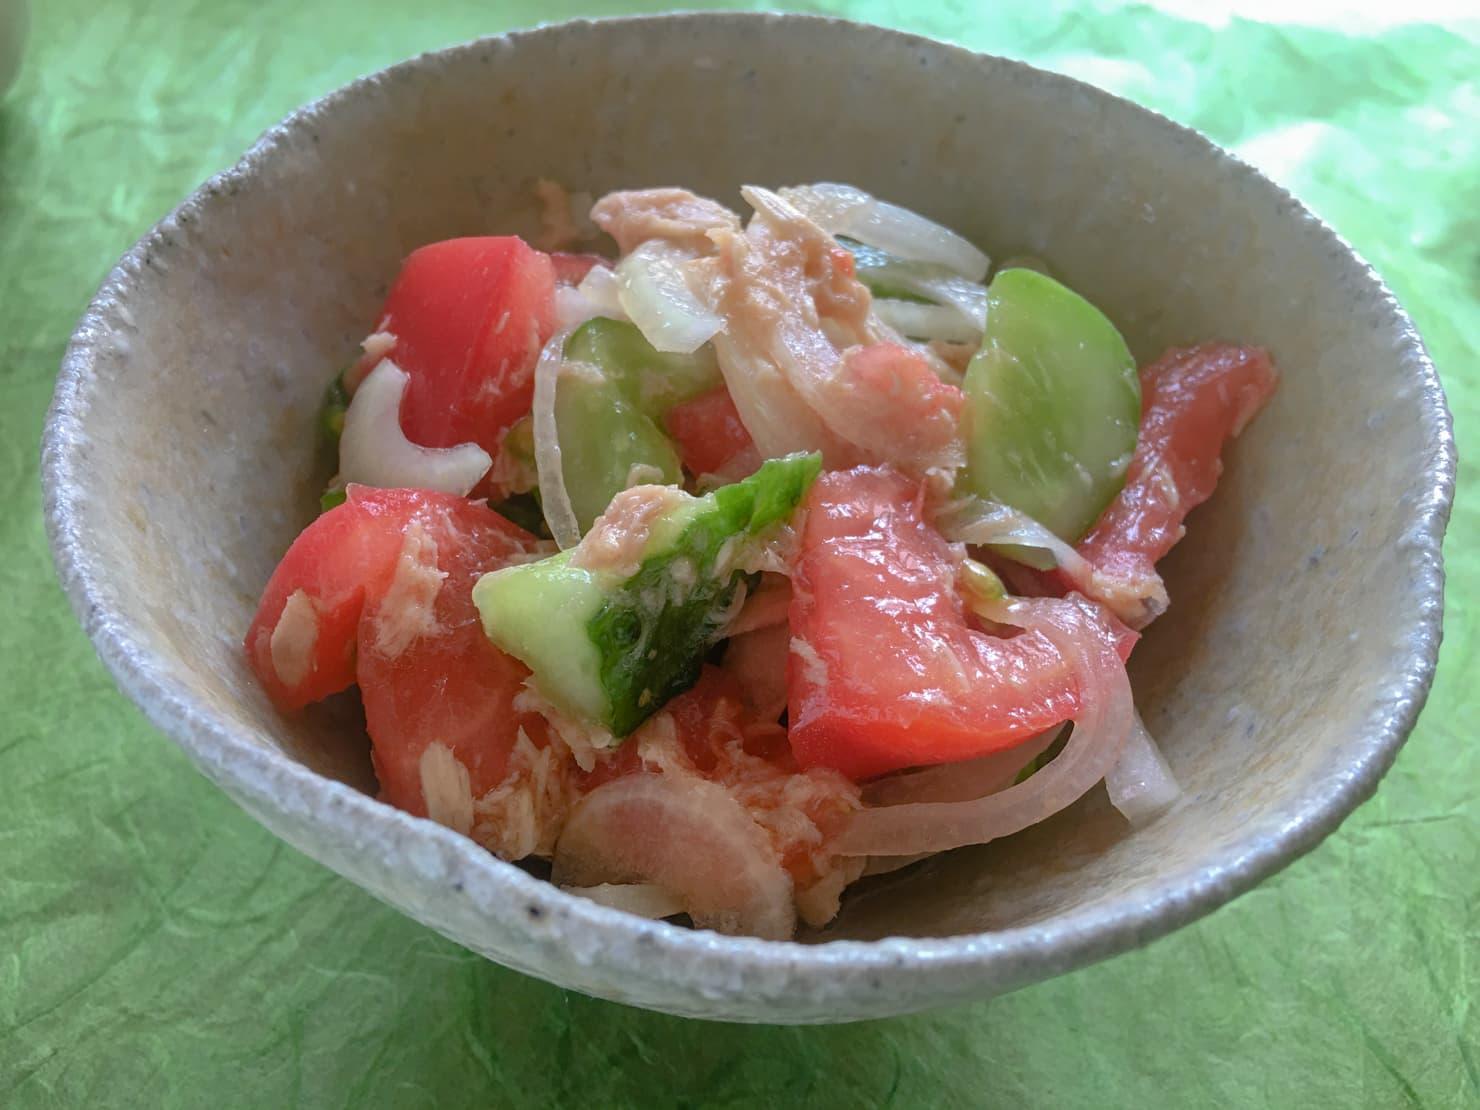 ツナとトマトときゅうりの簡単パパッとサラダの写真